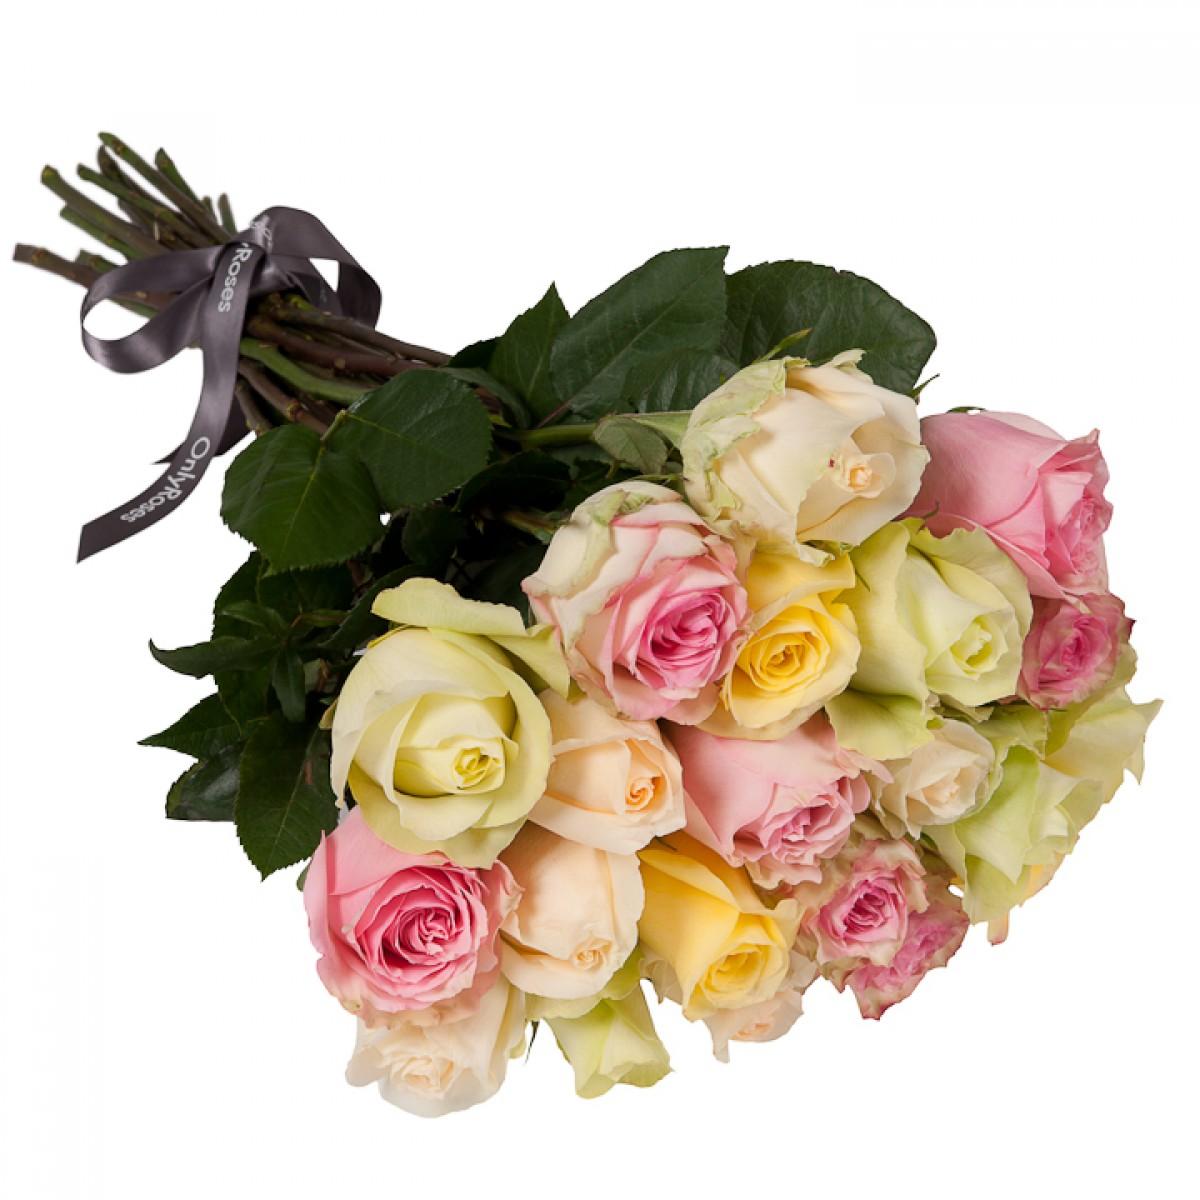 Букет от 15 до 25 рози в рози в пастелна гама (ти избираш броя)